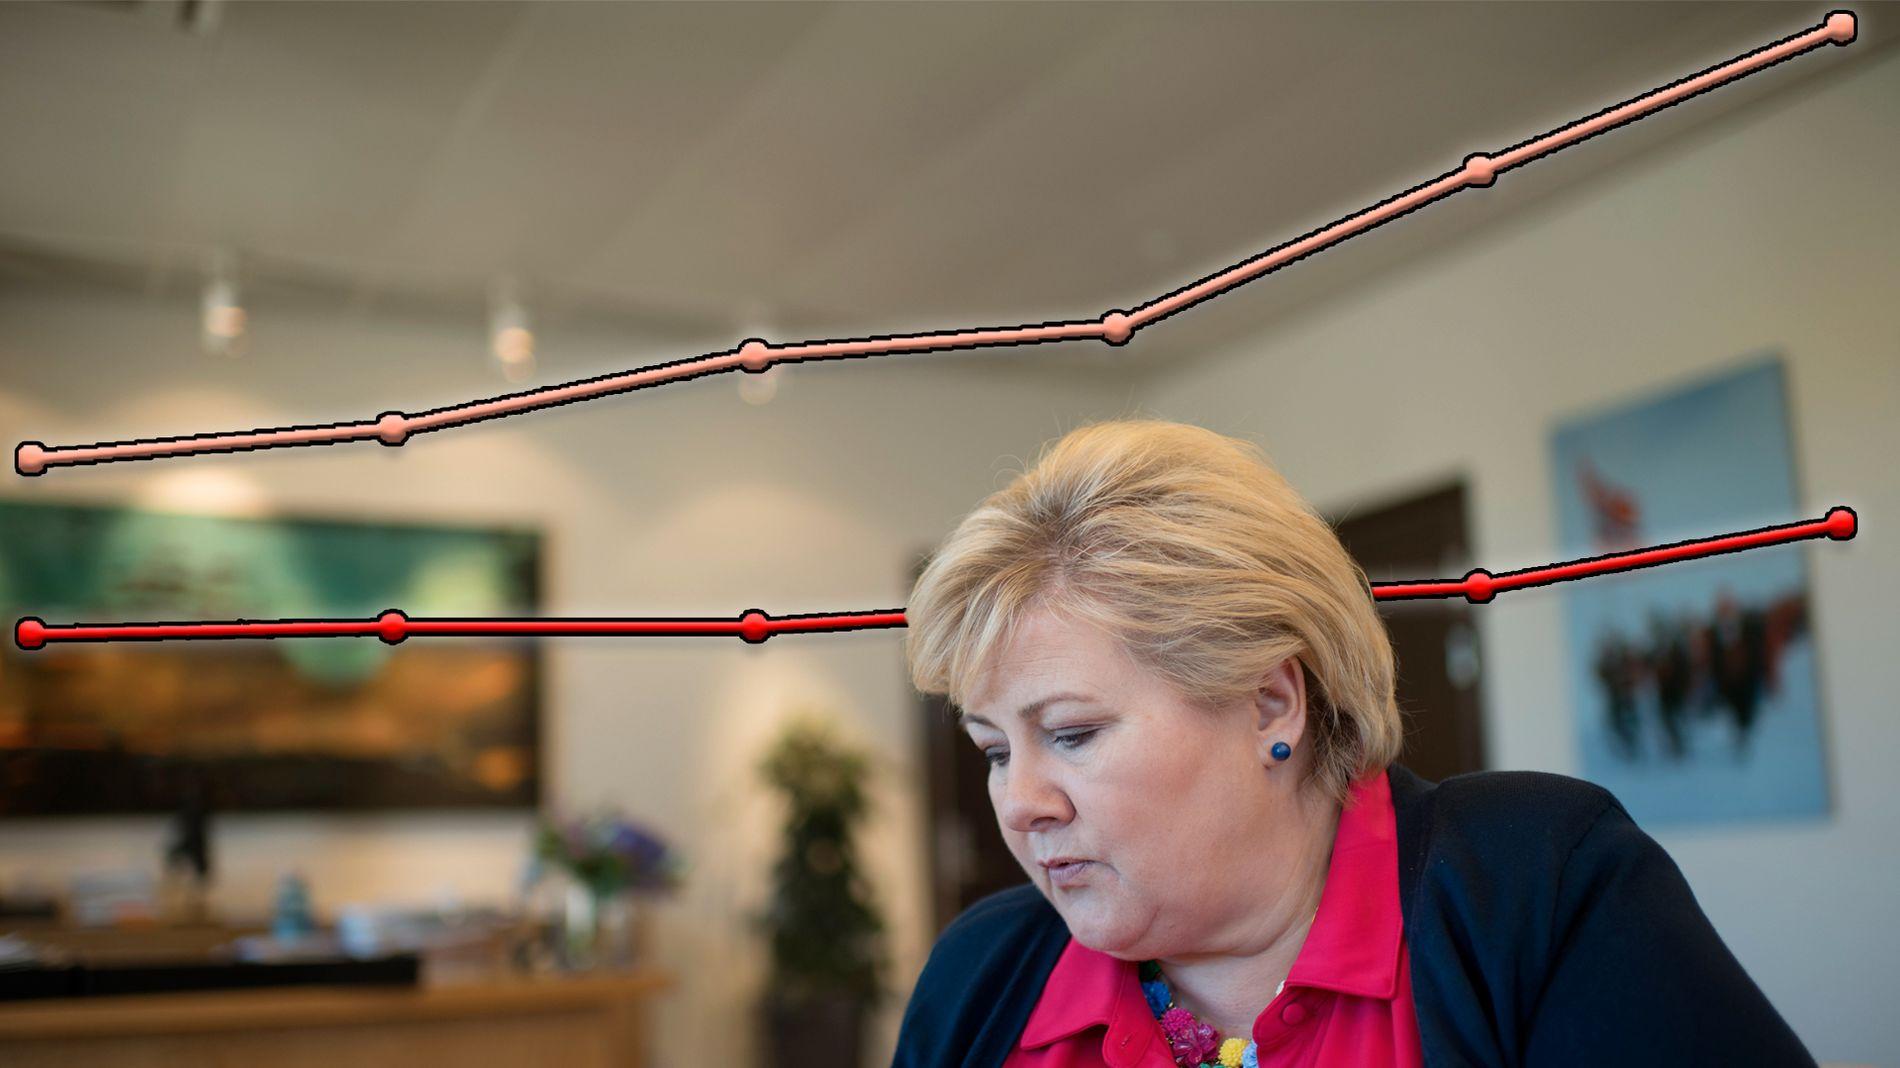 MÅ HANDLE: Næringslivet, interesseorganisasjonene og opposisjonen er enige om at Erna Solberg og regjeringen må handle raskt for å få flere unge ut i IKT-utdanning. (Fotomontasje)